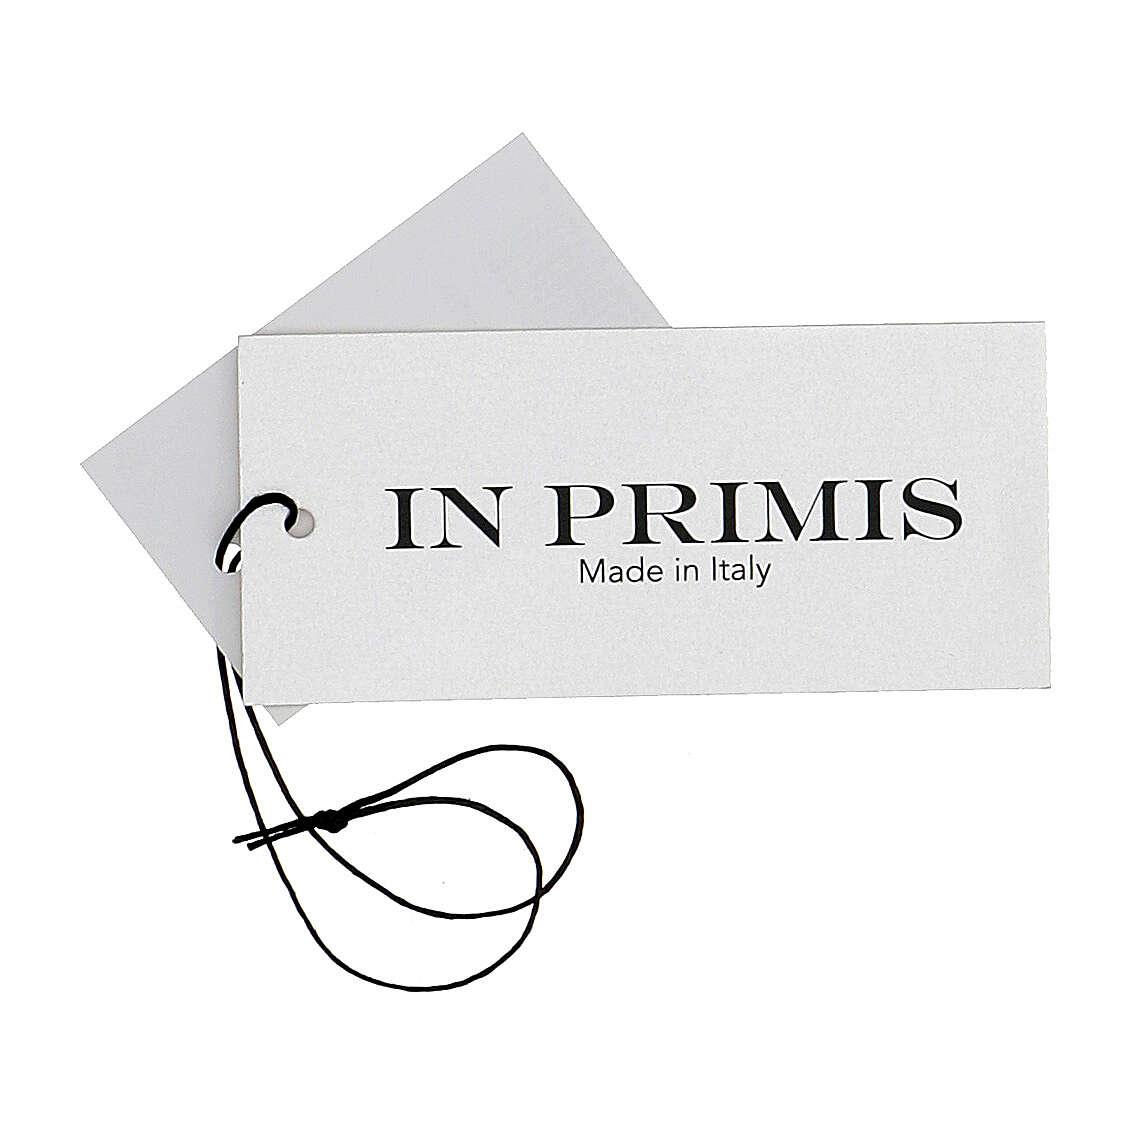 Pulôver sacerdote preto 50% lã de merino 50% acrílico In Primis 4